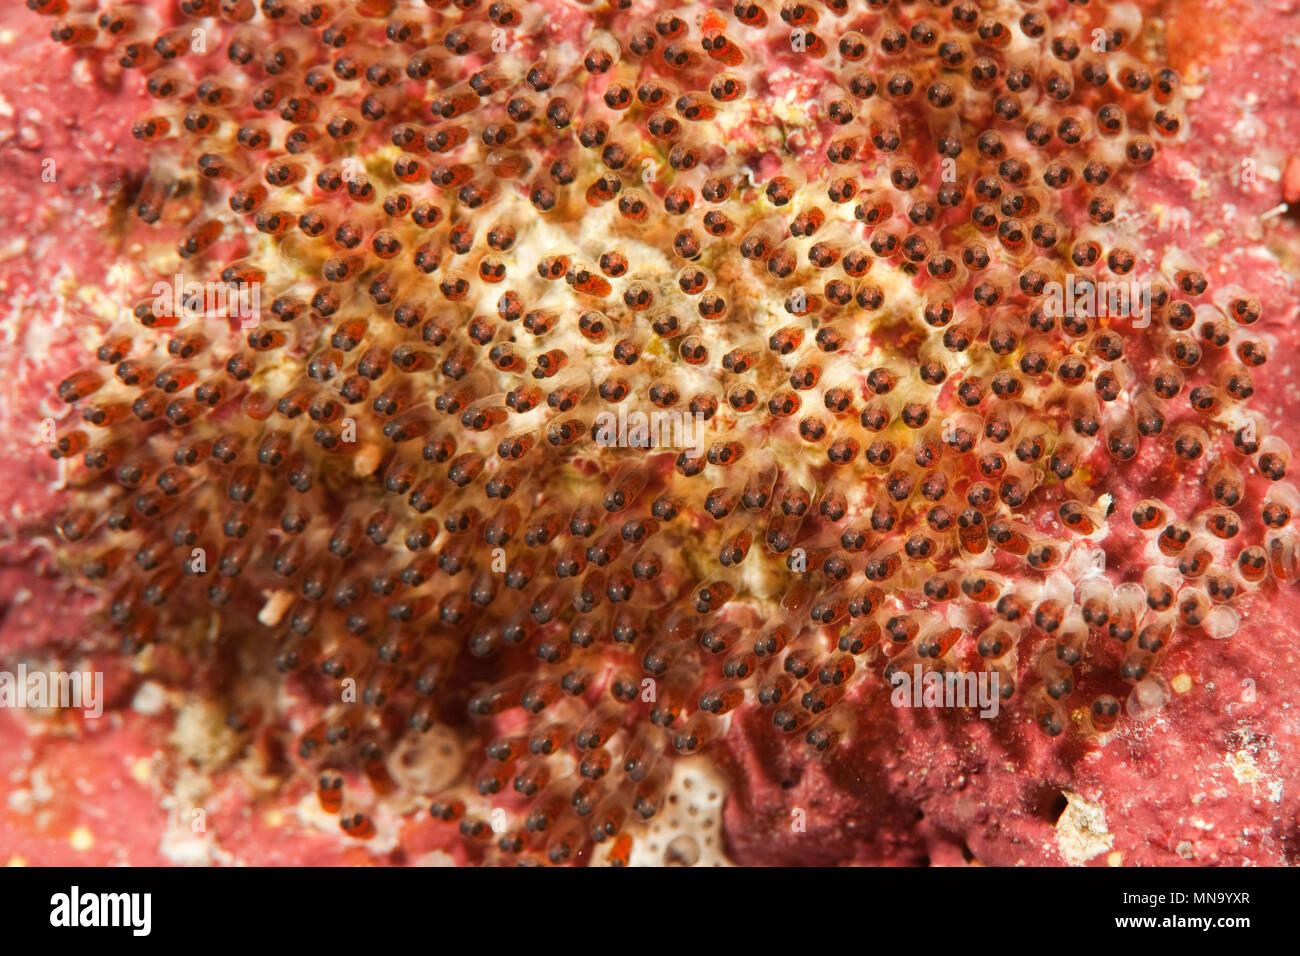 El pez payaso     Anemonenfisch Amphiprion clarkii Foto de stock